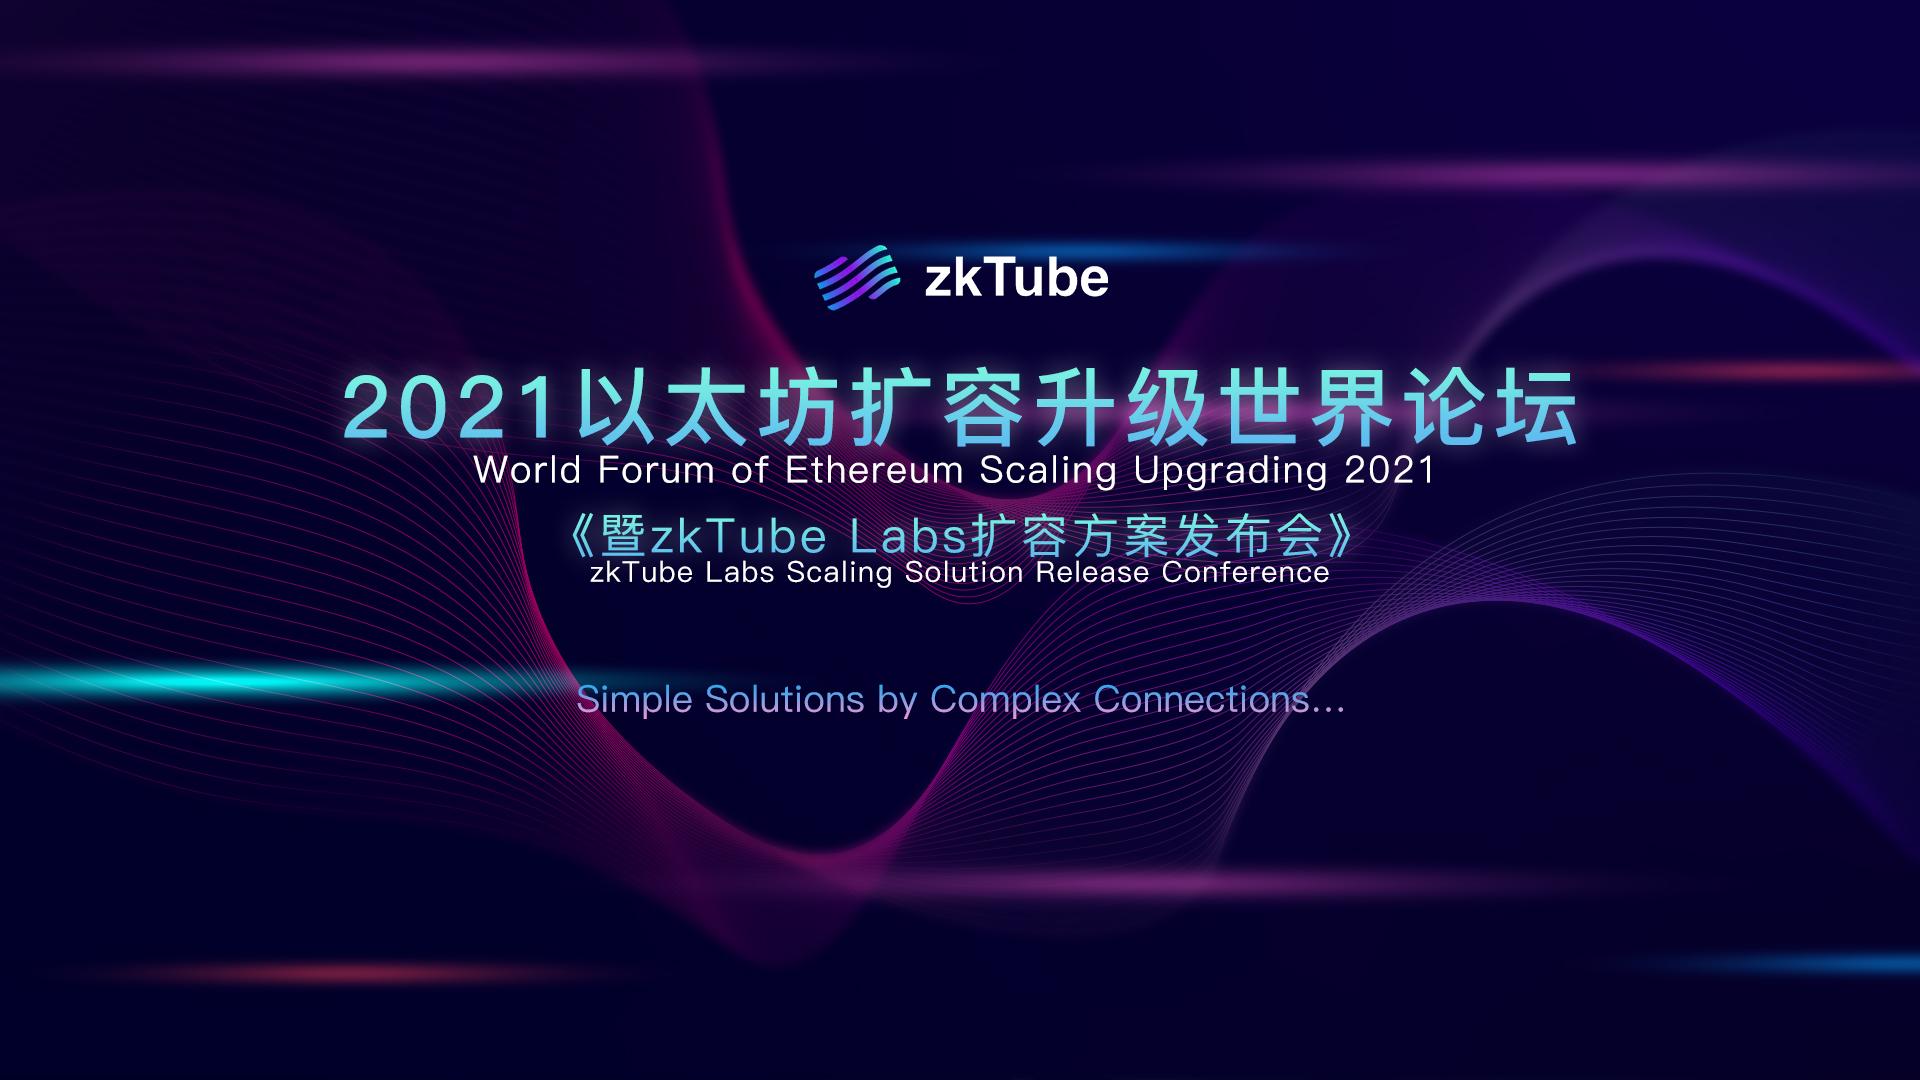 021以太坊扩容升级世界论坛